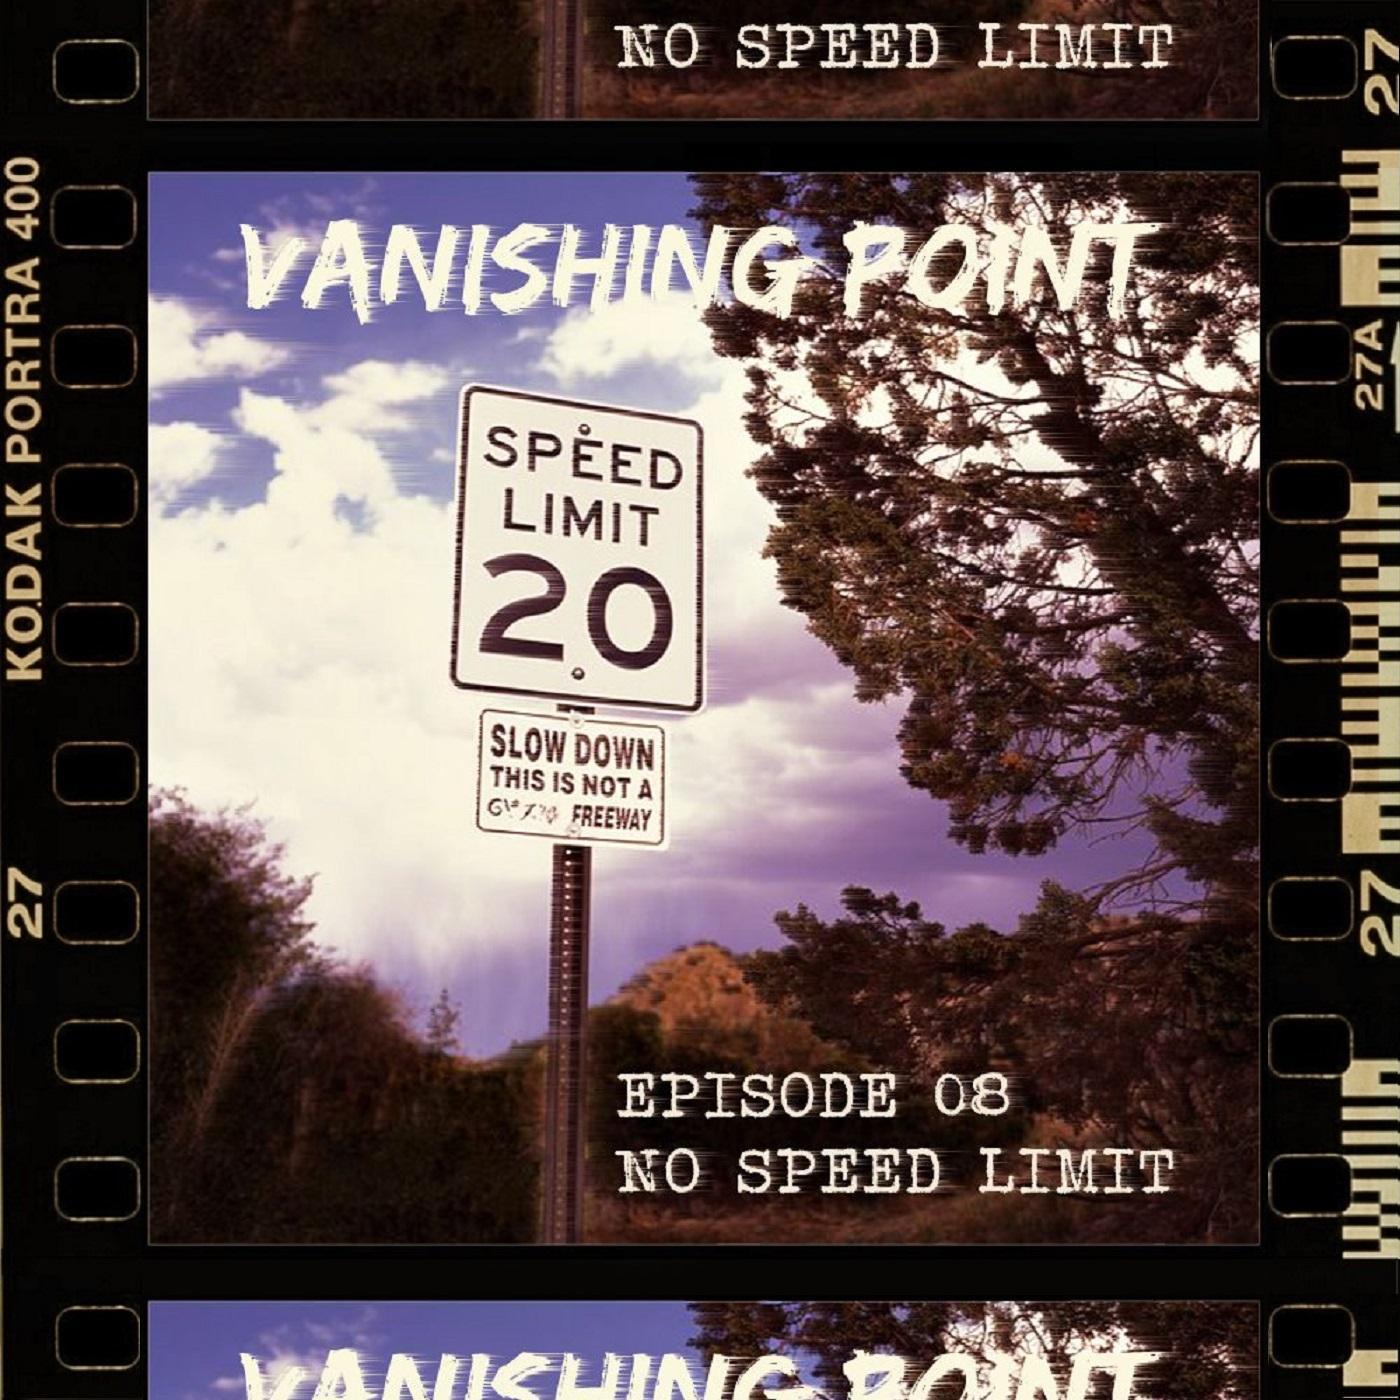 VANISHING POINT #8 - No Speed Limit